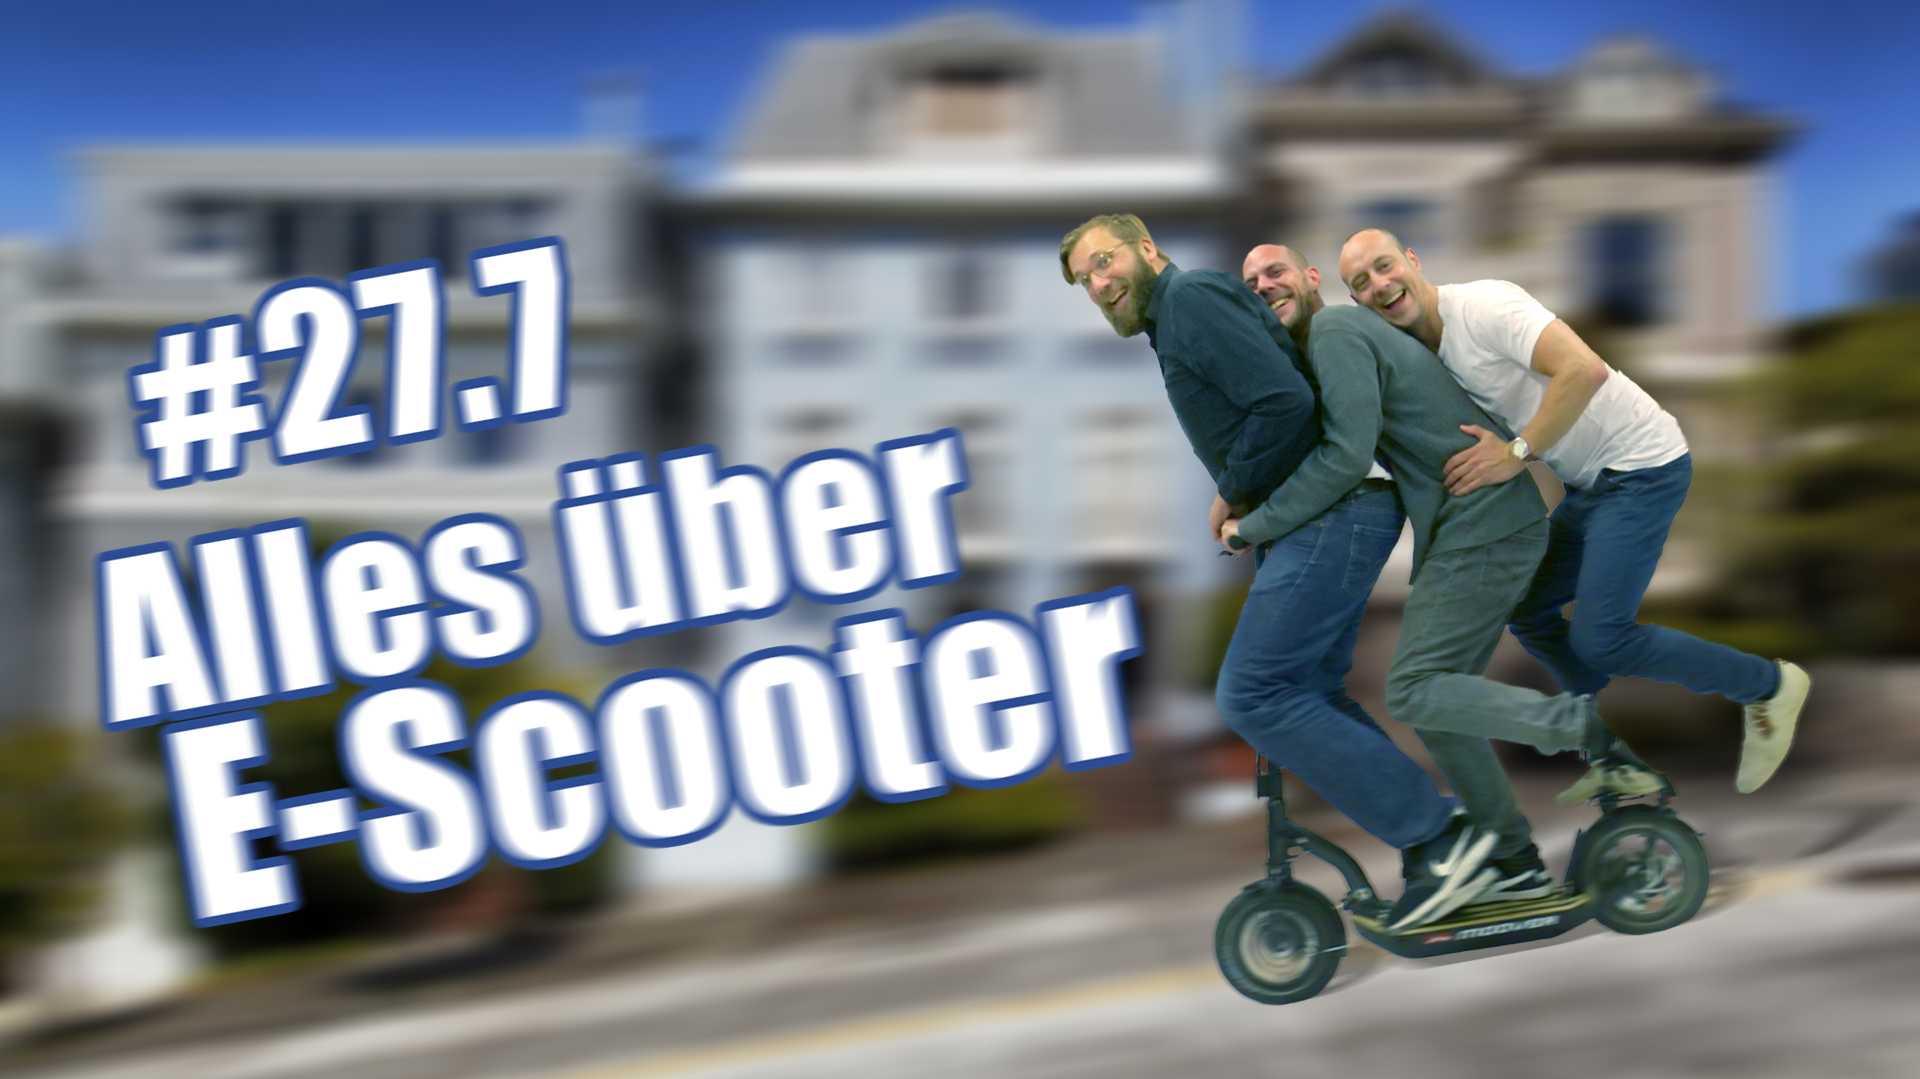 c't uplink 27.6: Praxistest: Wer braucht E-Scooter?